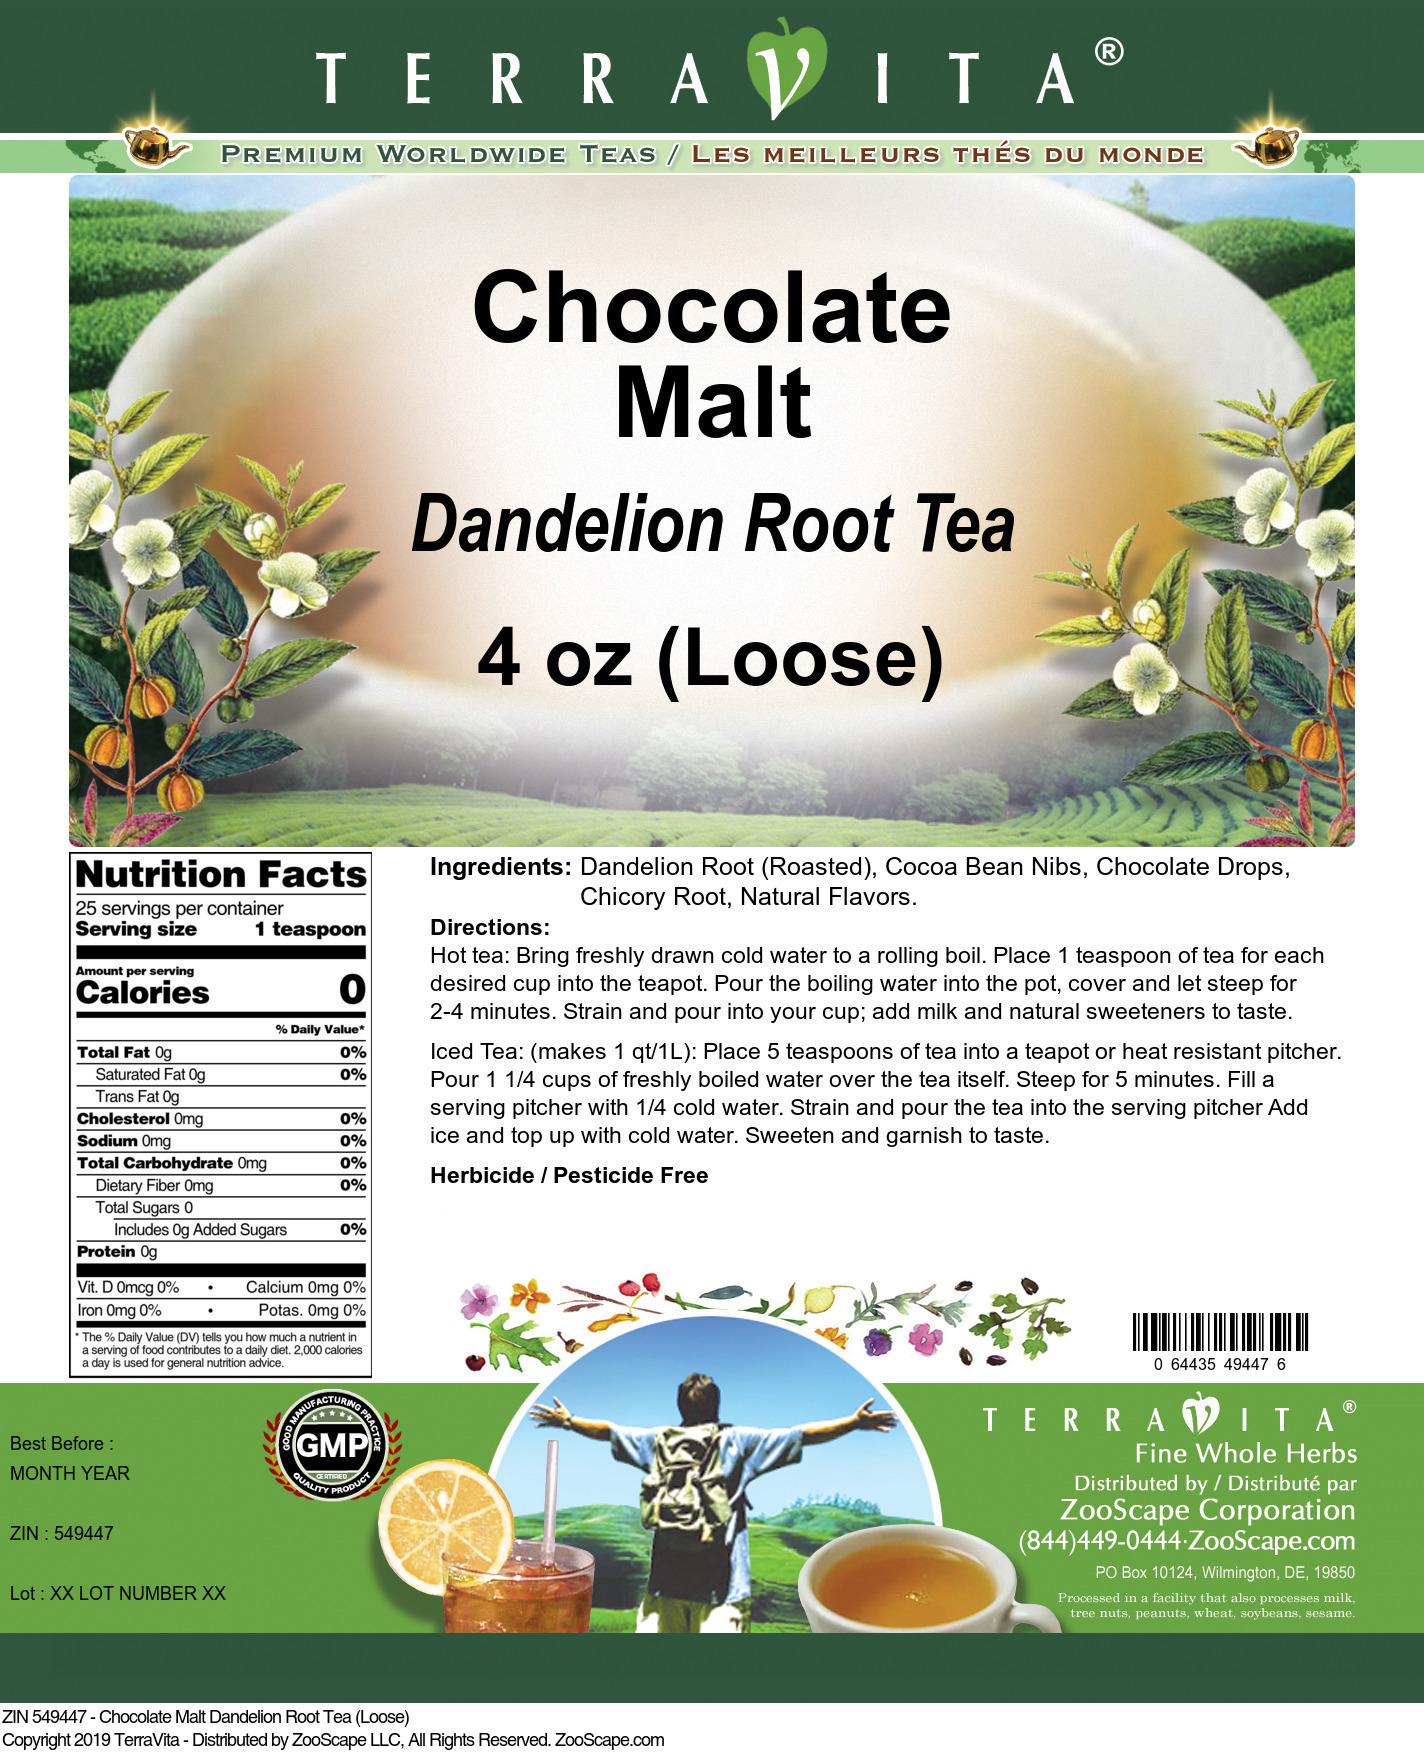 Chocolate Malt Dandelion Root Tea (Loose)